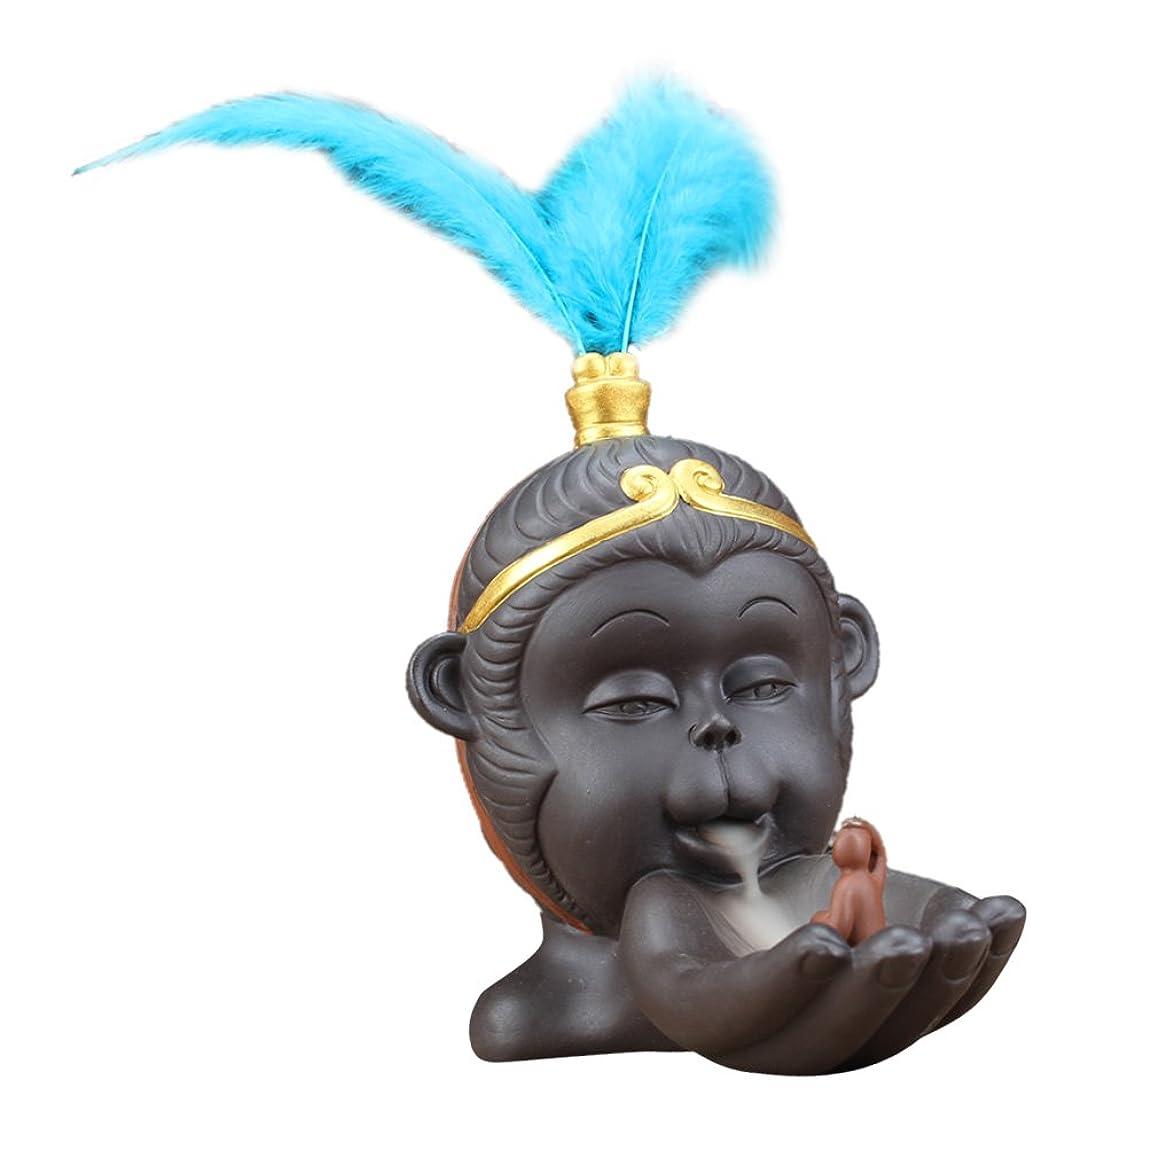 ちなみに適切な性格Perfk 仏教 香炉 バーナーホルダー 小型 逆流コーン 香バーナー 持ち運び 容易 全2色 - 青